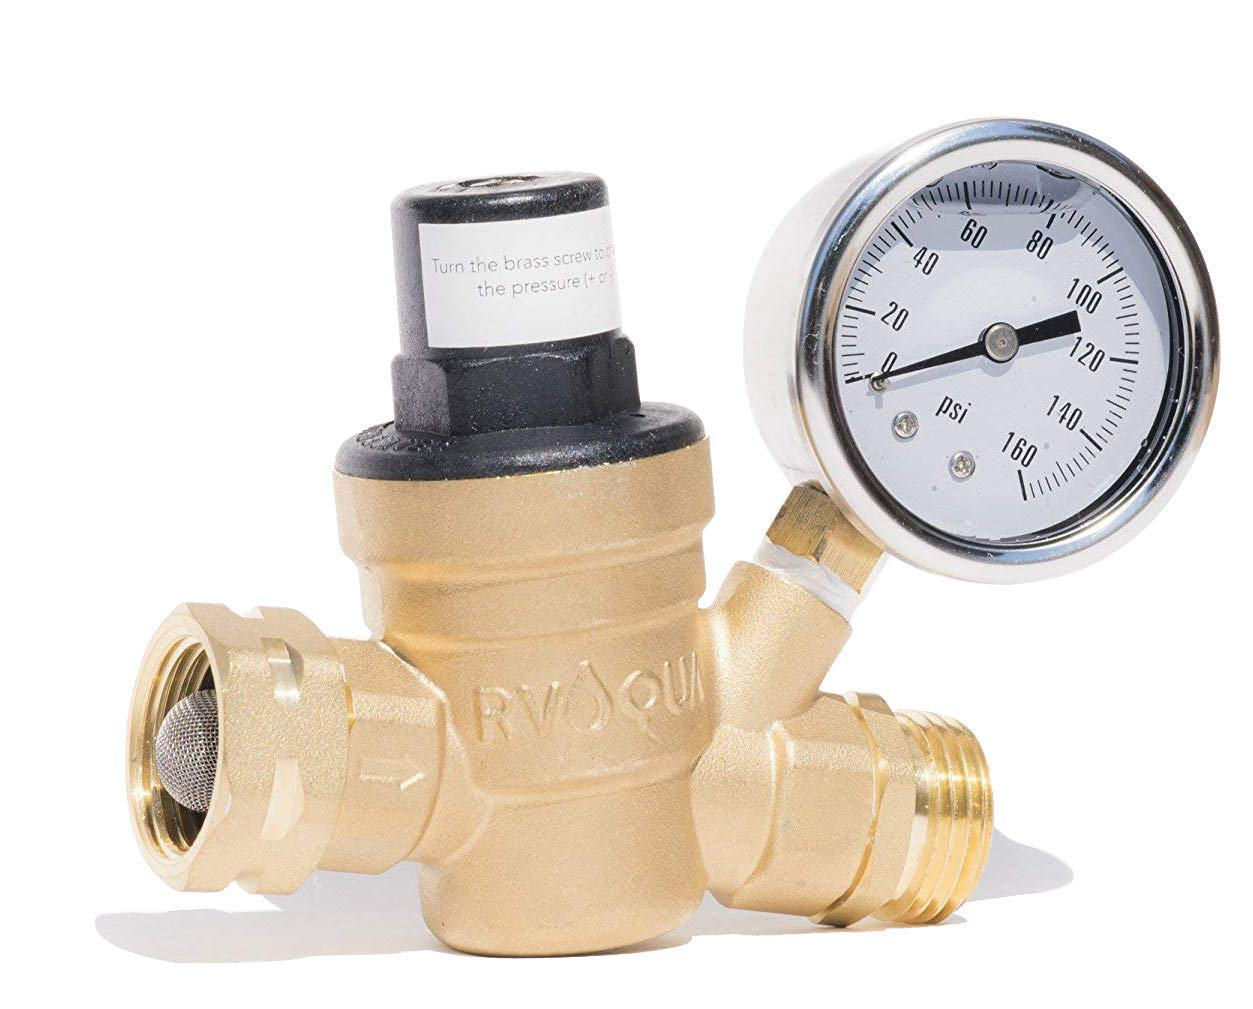 RVAQUA M11-45PSI Water Pressure Regulator}